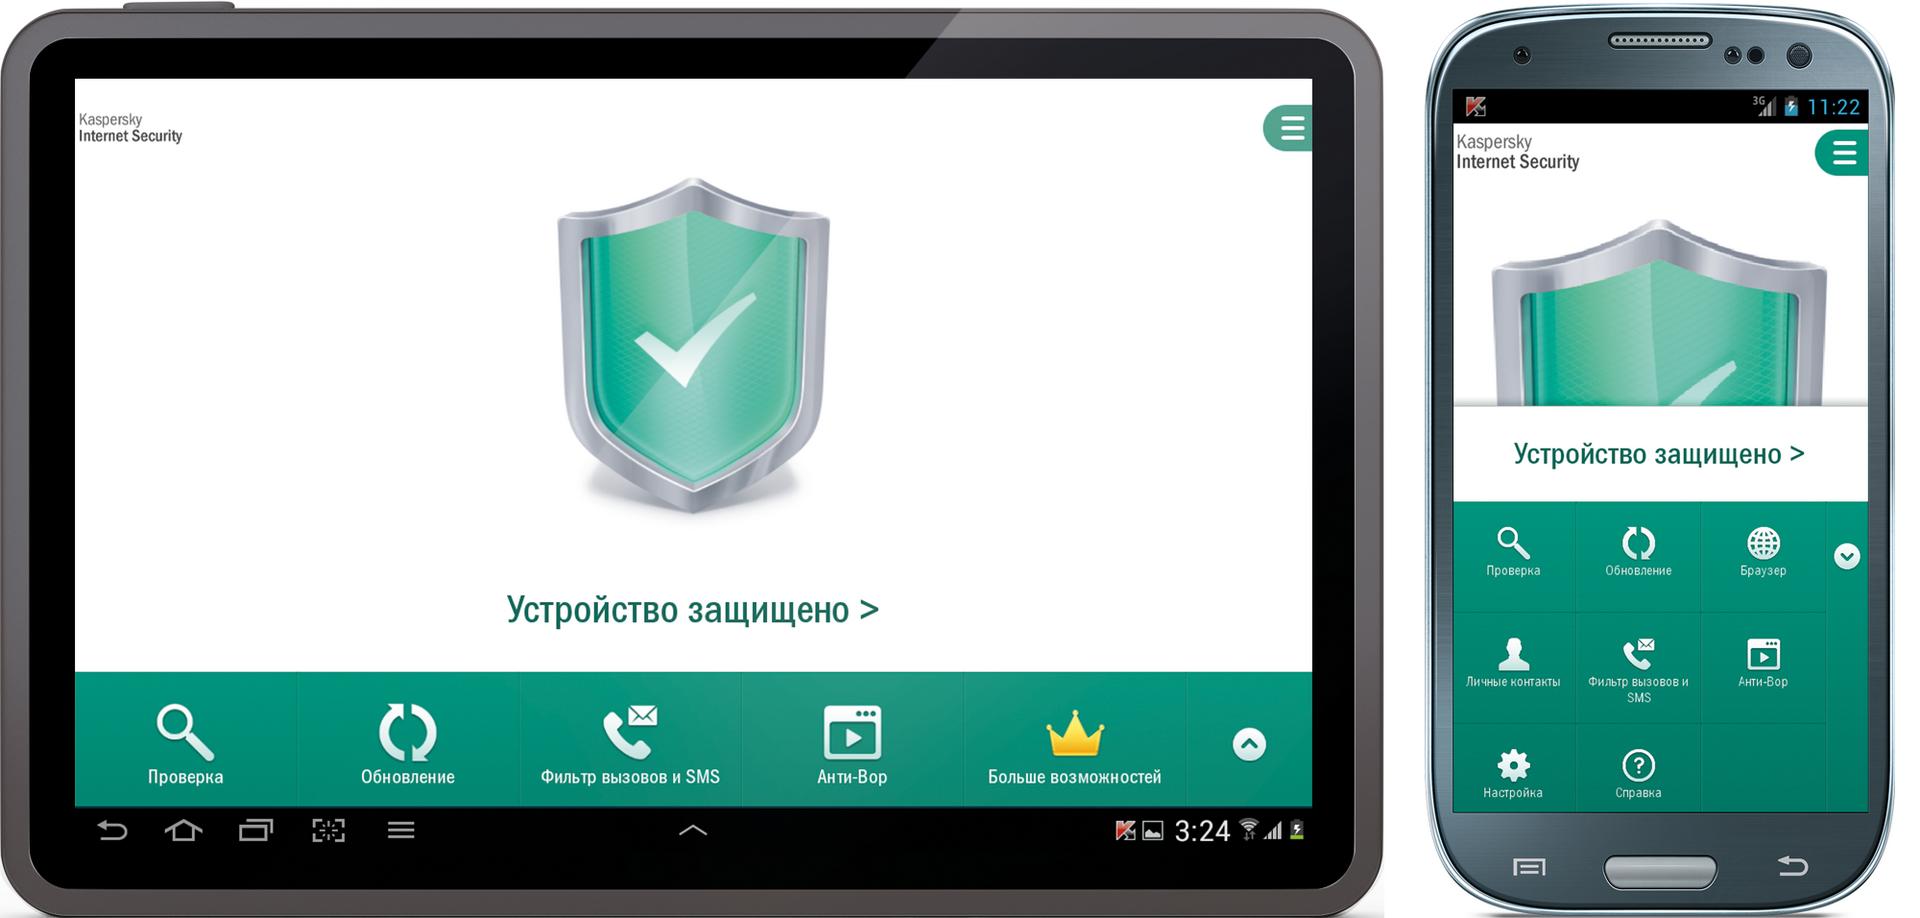 Программы для дроид без вирусов на российском